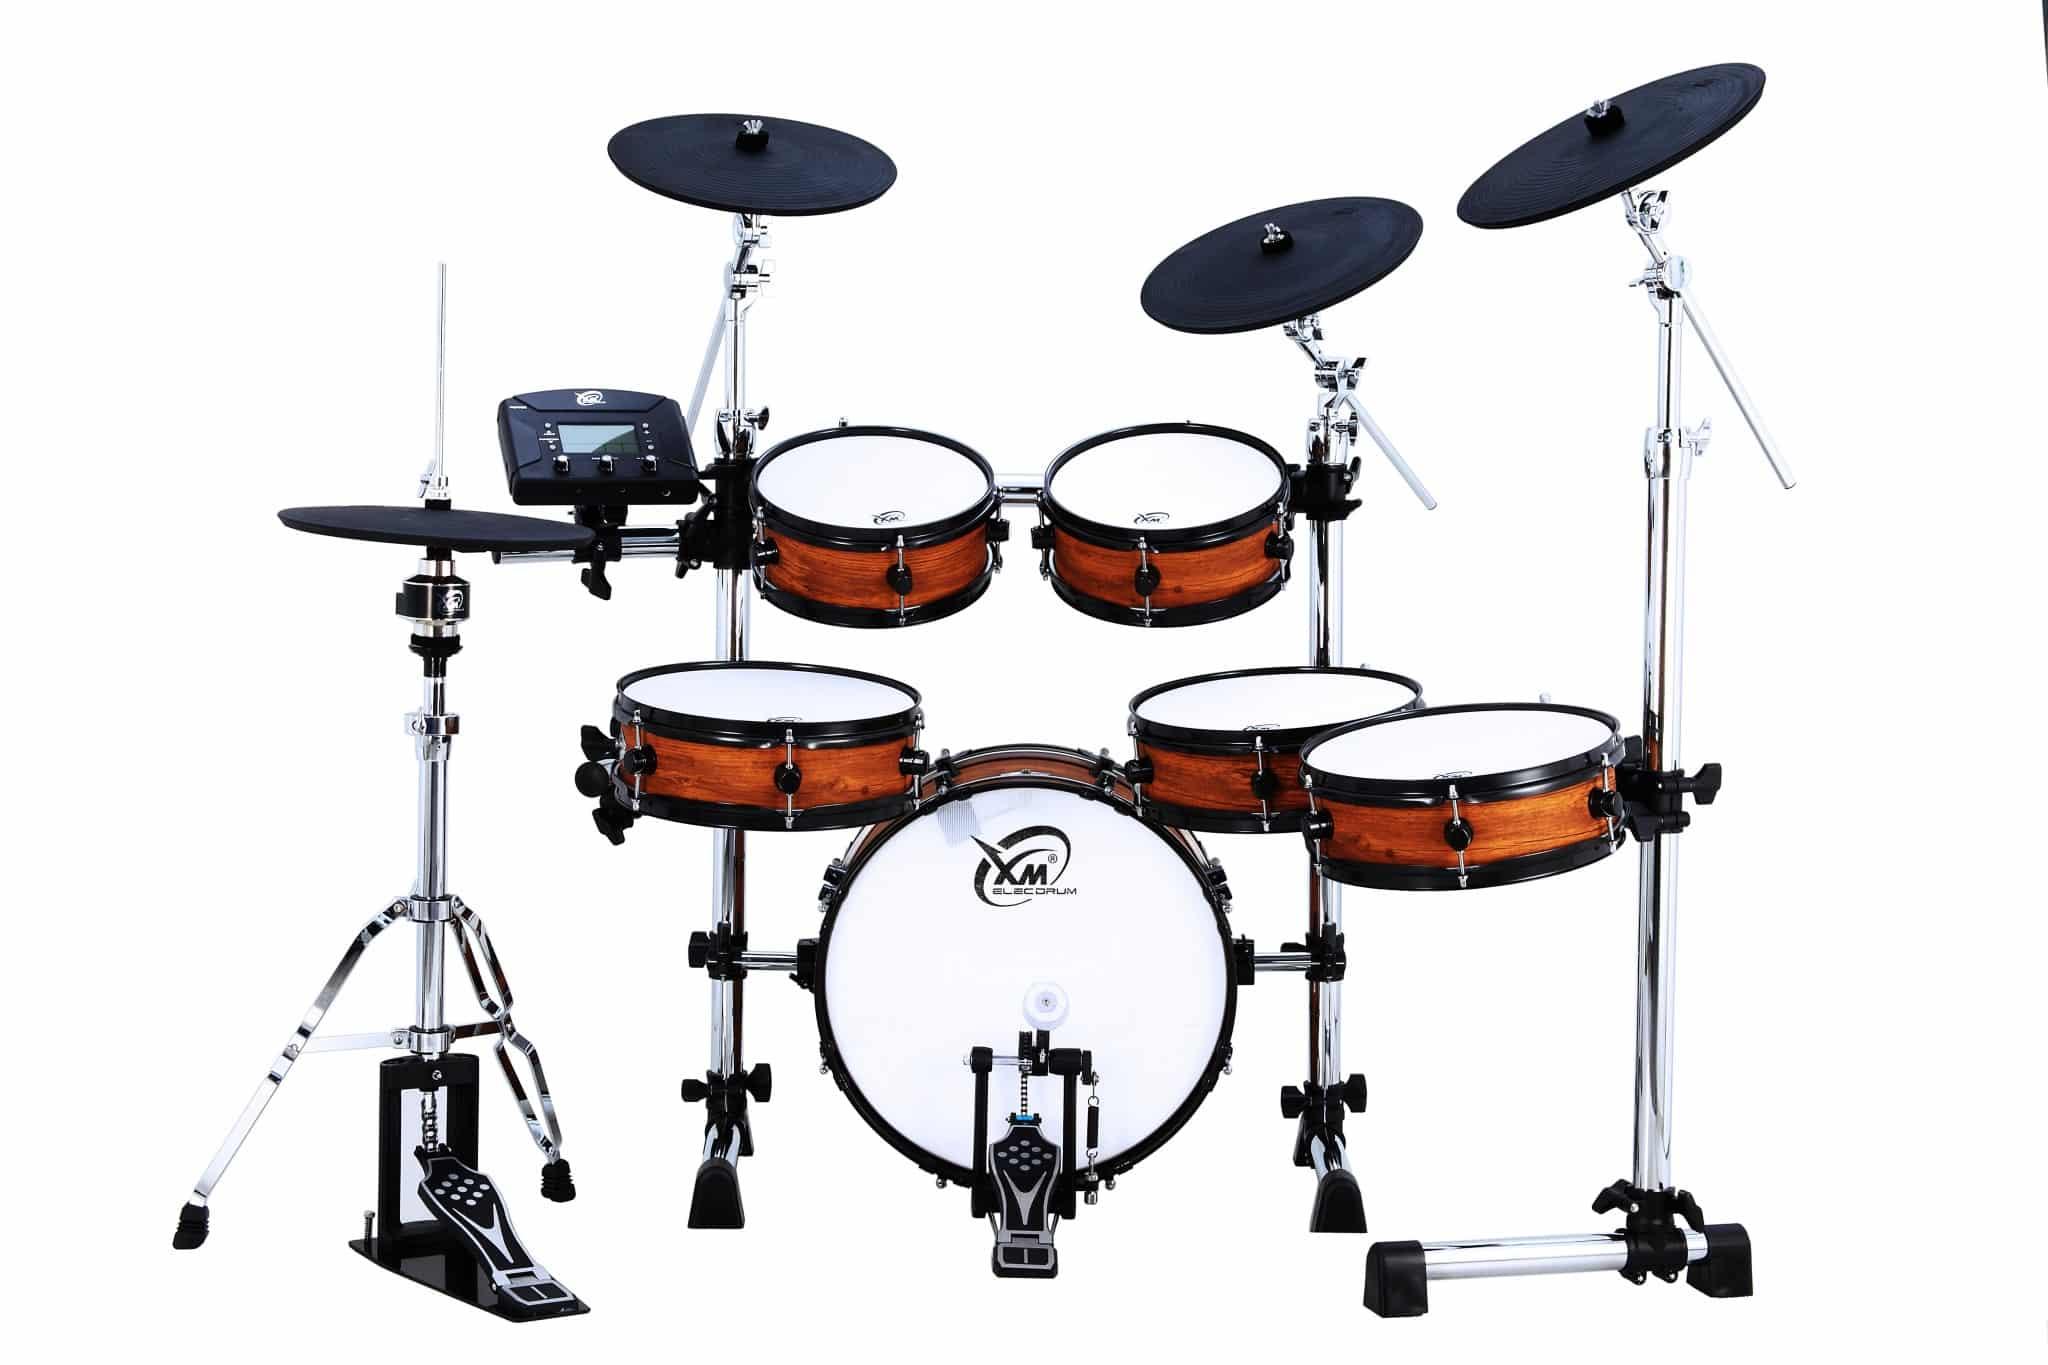 Elektronisch drumstel kopen gids